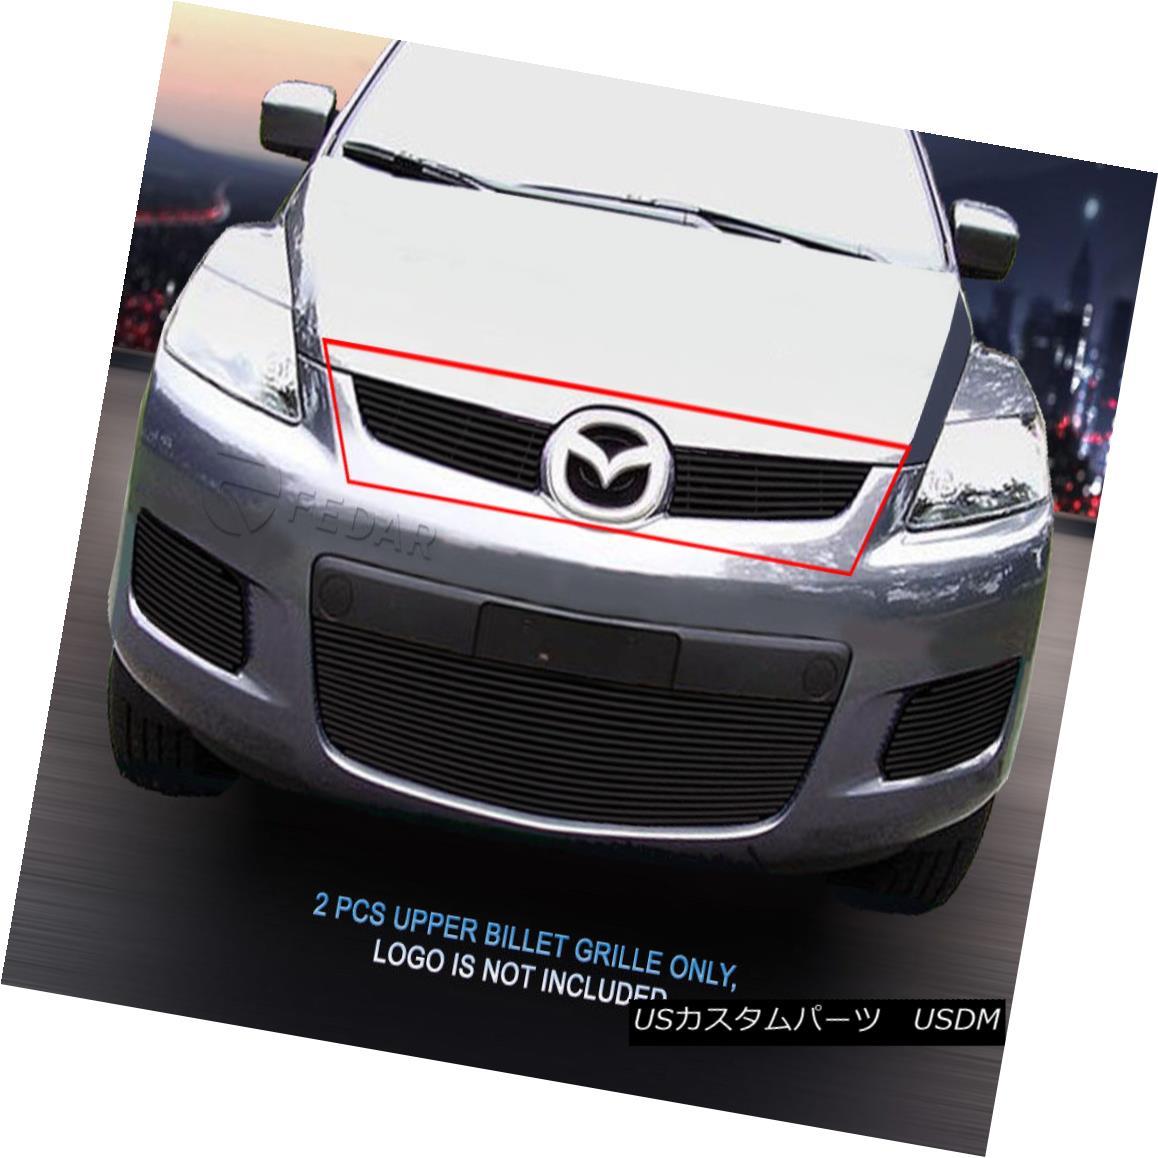 グリル 07-09 Mazda CX-7 Black Billet Grille Upper Grill Insert Fedar 07-09マツダCX-7ブラックビレットグリルアッパーグリルインサートフェルダ